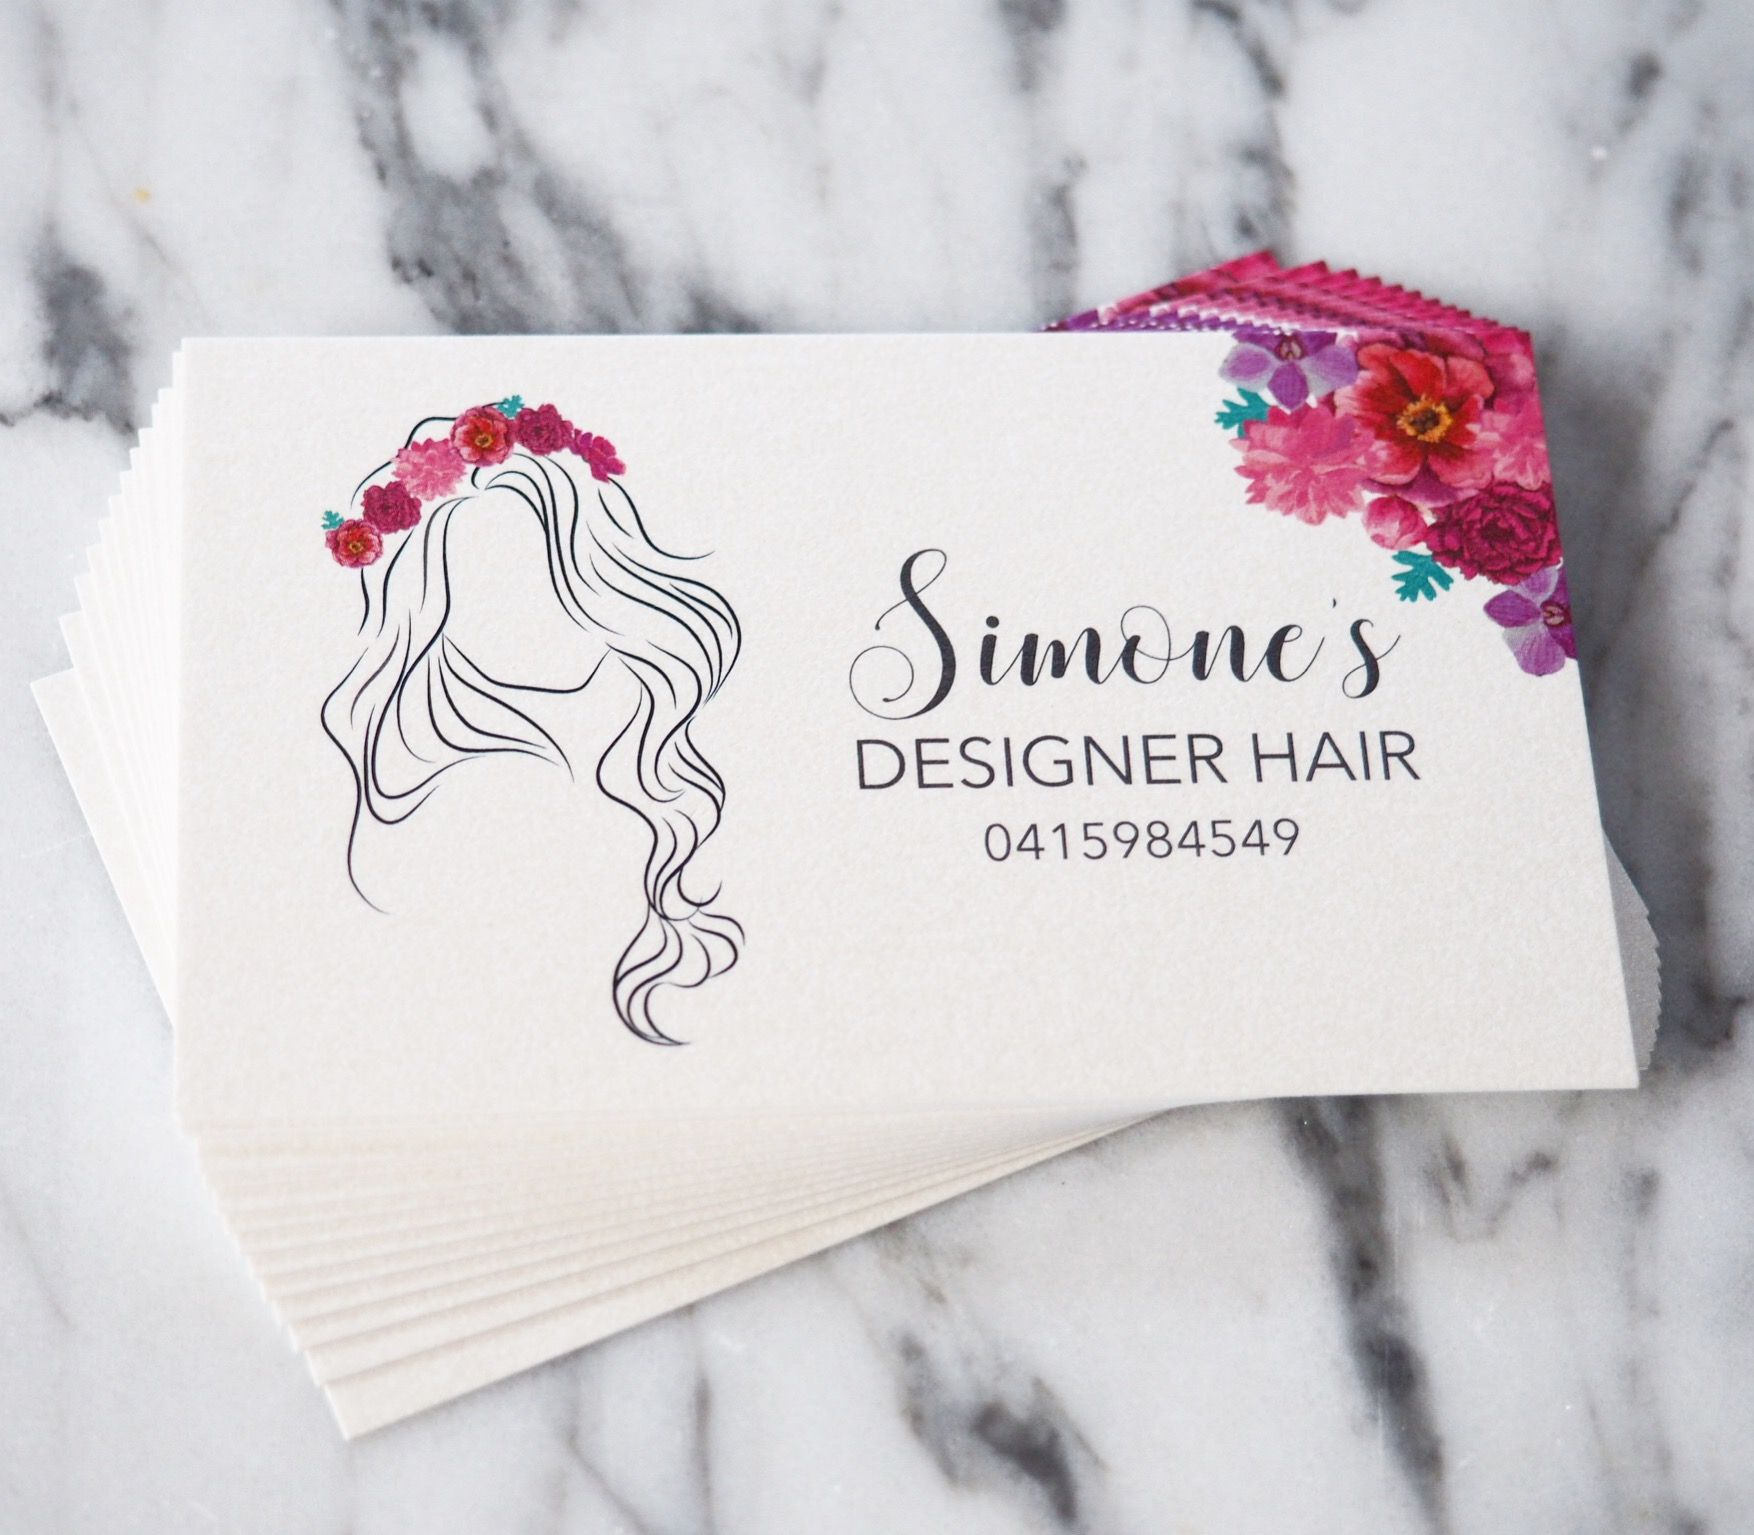 Hairdresser logo design hairdresser business cards pearl hairdresser logo design hairdresser business cards pearl business cards logo luxe logo magicingreecefo Images